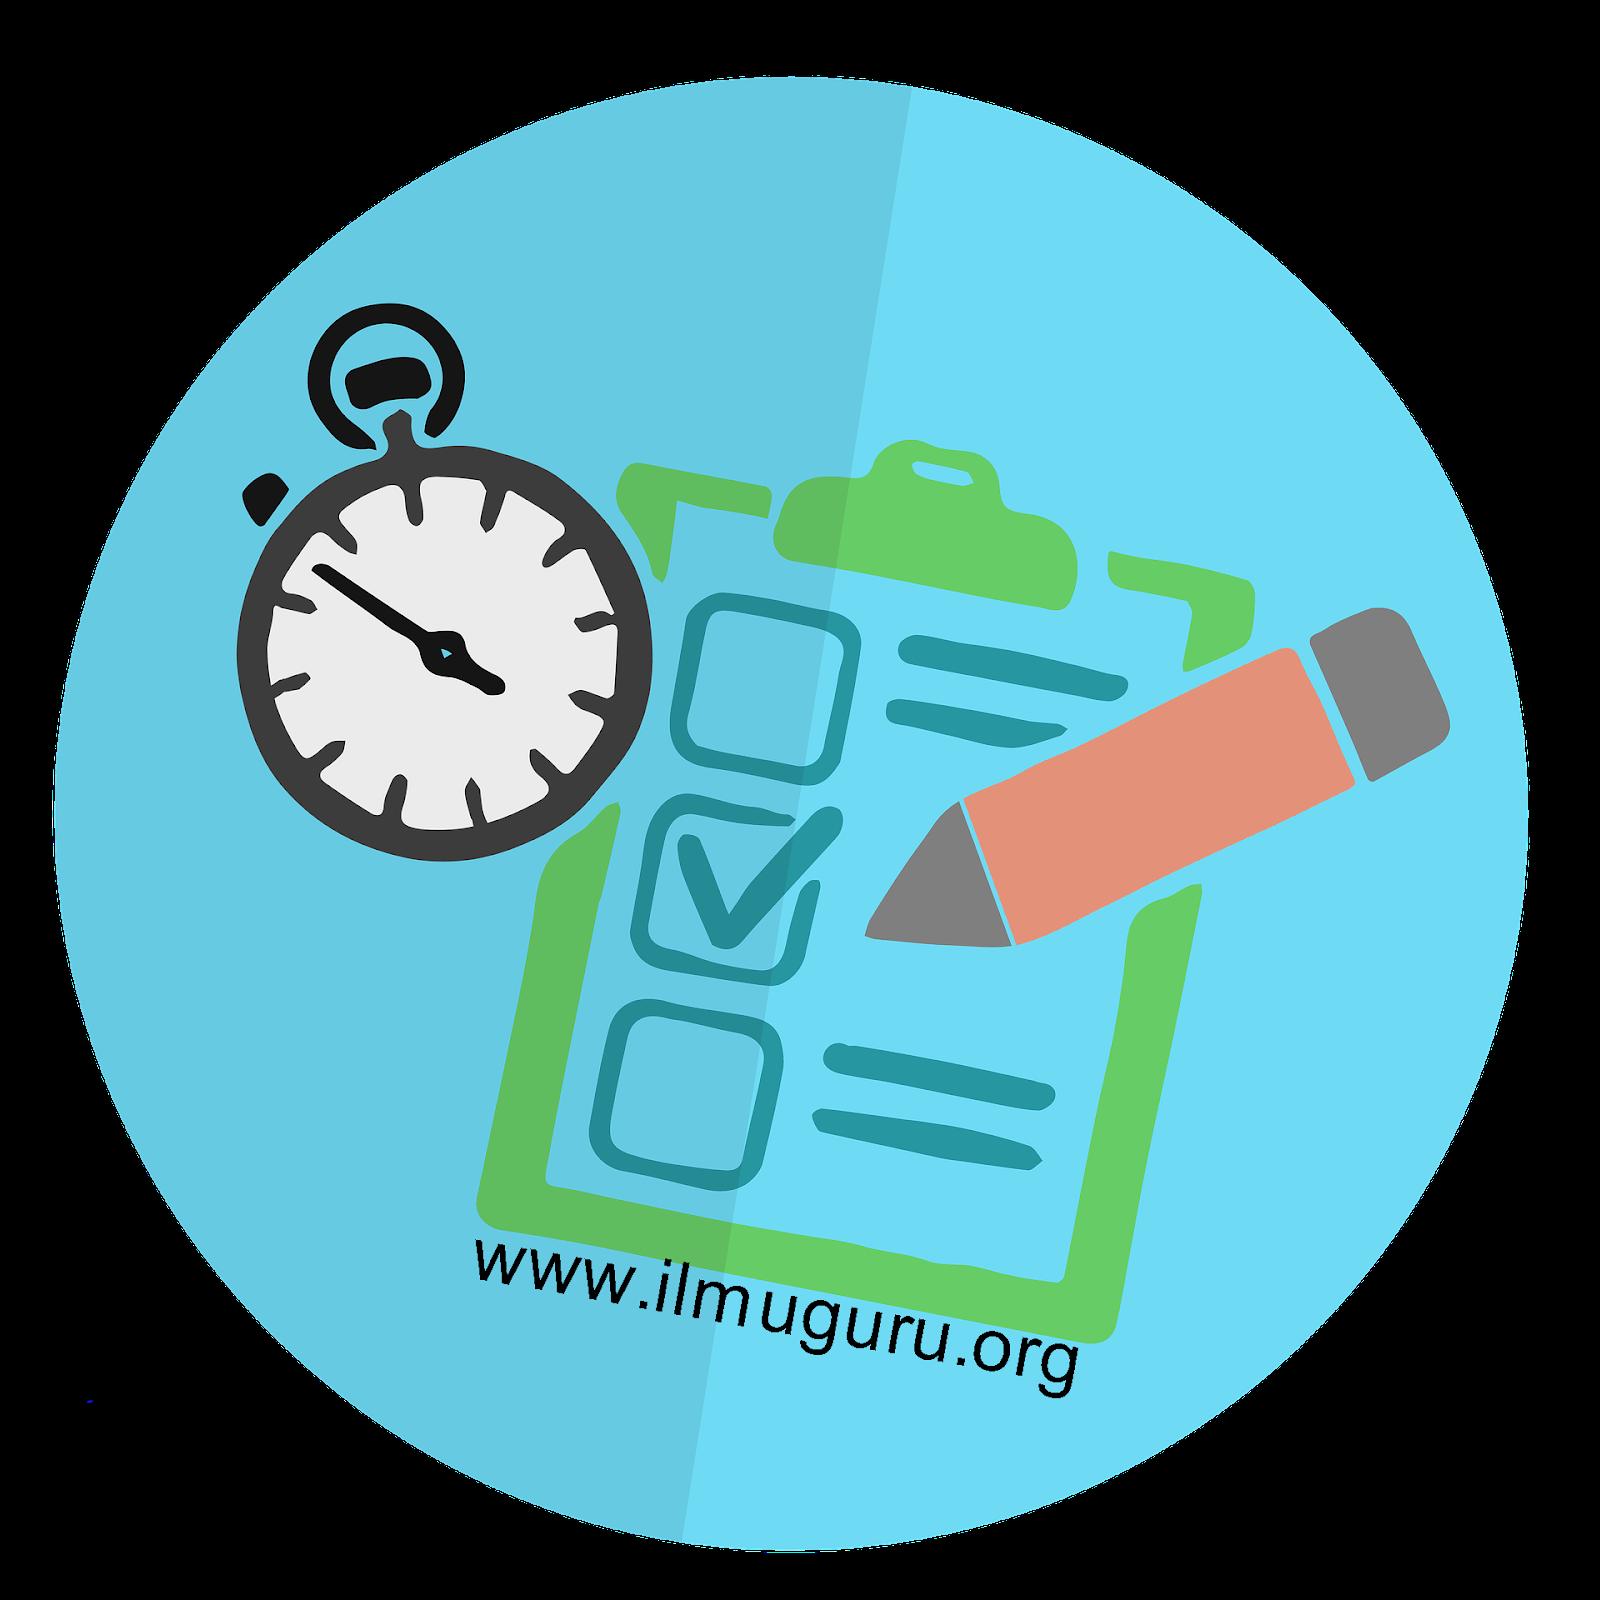 ingin memperlihatkan warta mengenai Soal siap Ujian Akhir Madrasah Berstandar Daerah  Download Contoh Soal UAMBD MI Mapel Aqidah Akhlaq Tahun 2018